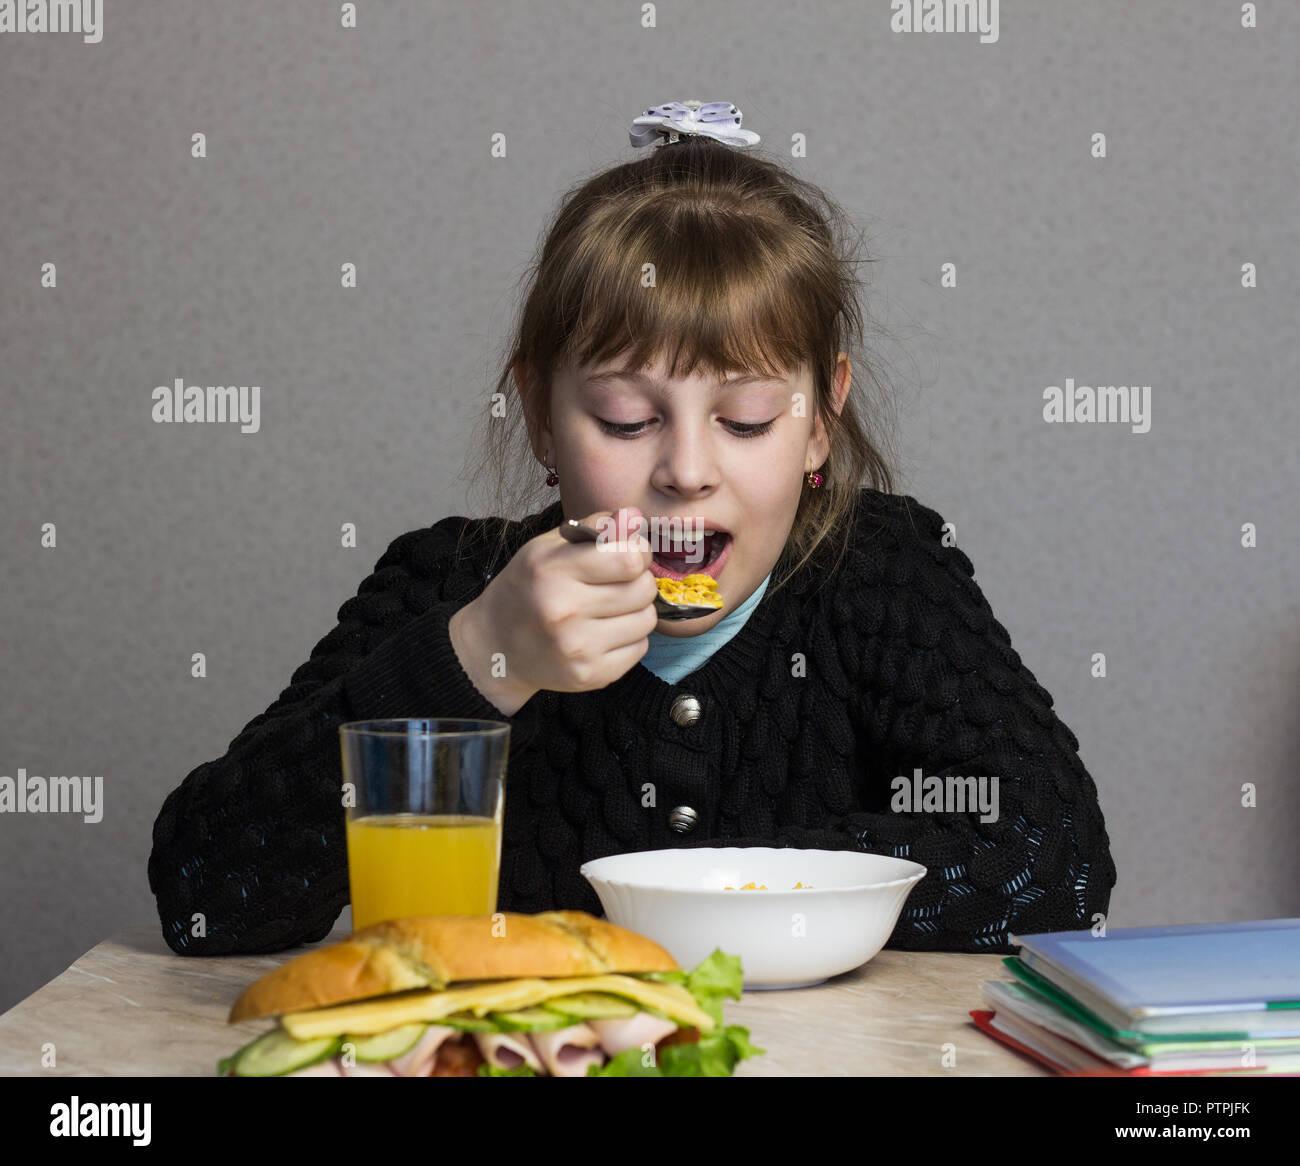 Una niña de 9-10 años el desayuno antes de salir para la escuela, sobre la mesa, un libro y un sándwich Imagen De Stock